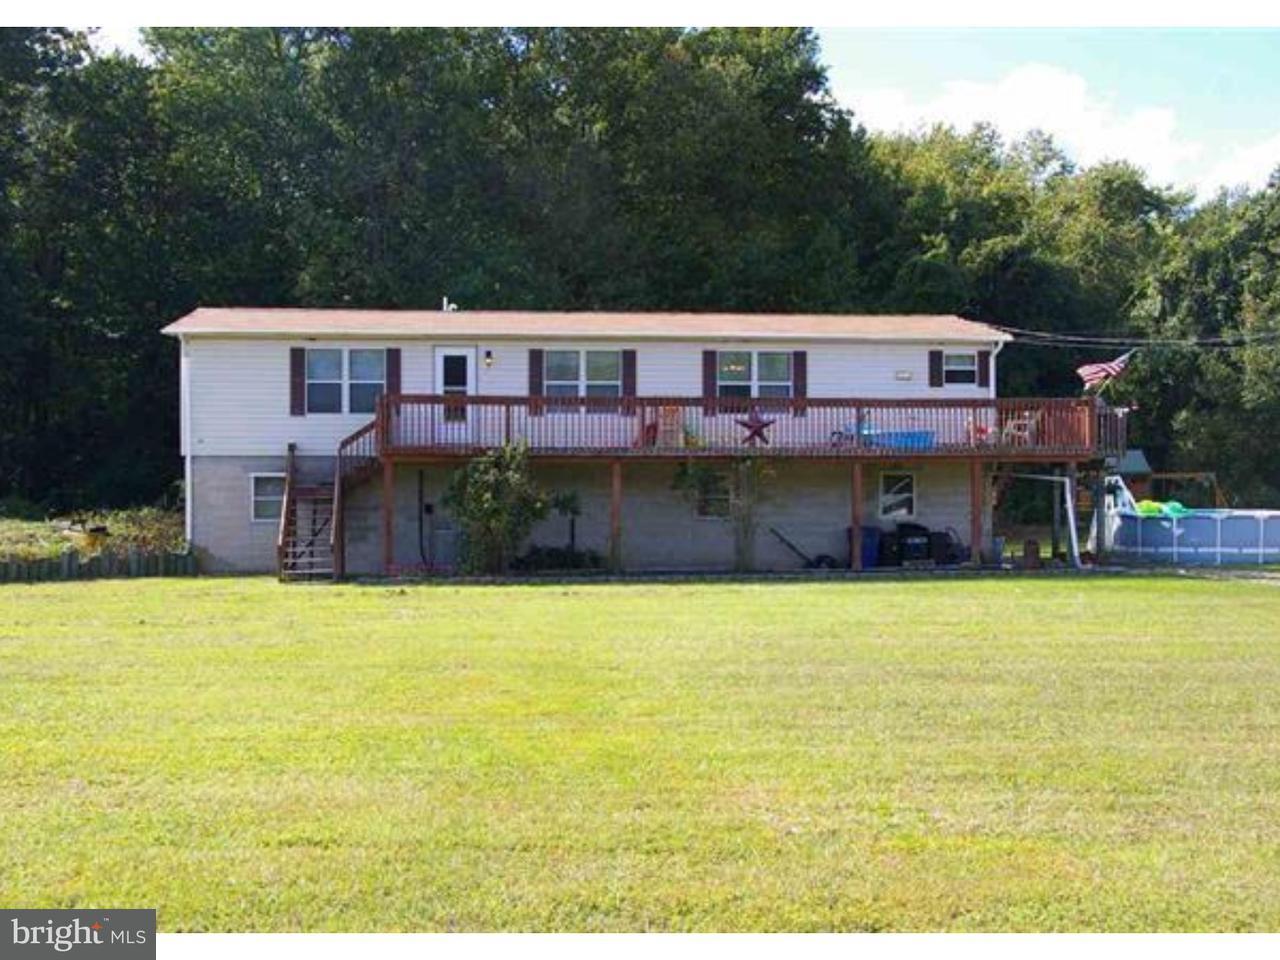 Частный односемейный дом для того Продажа на 3 LANGLEY Road Delmont, Нью-Джерси 08314 Соединенные Штаты